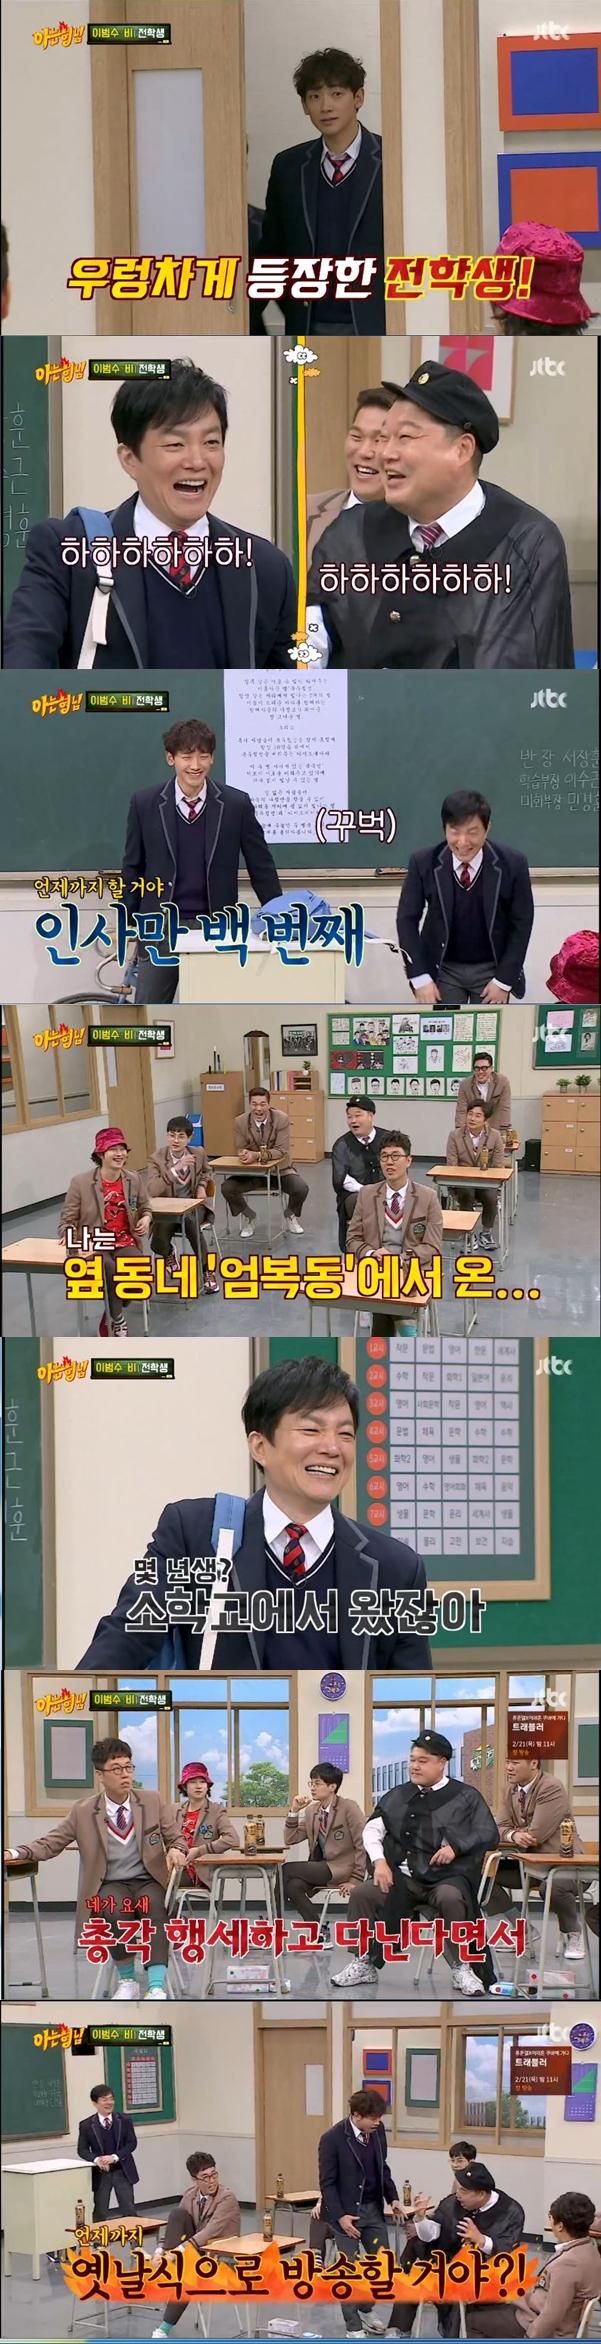 """정지훈, 강호동 총각행사 발언에 """"언제까지…"""""""